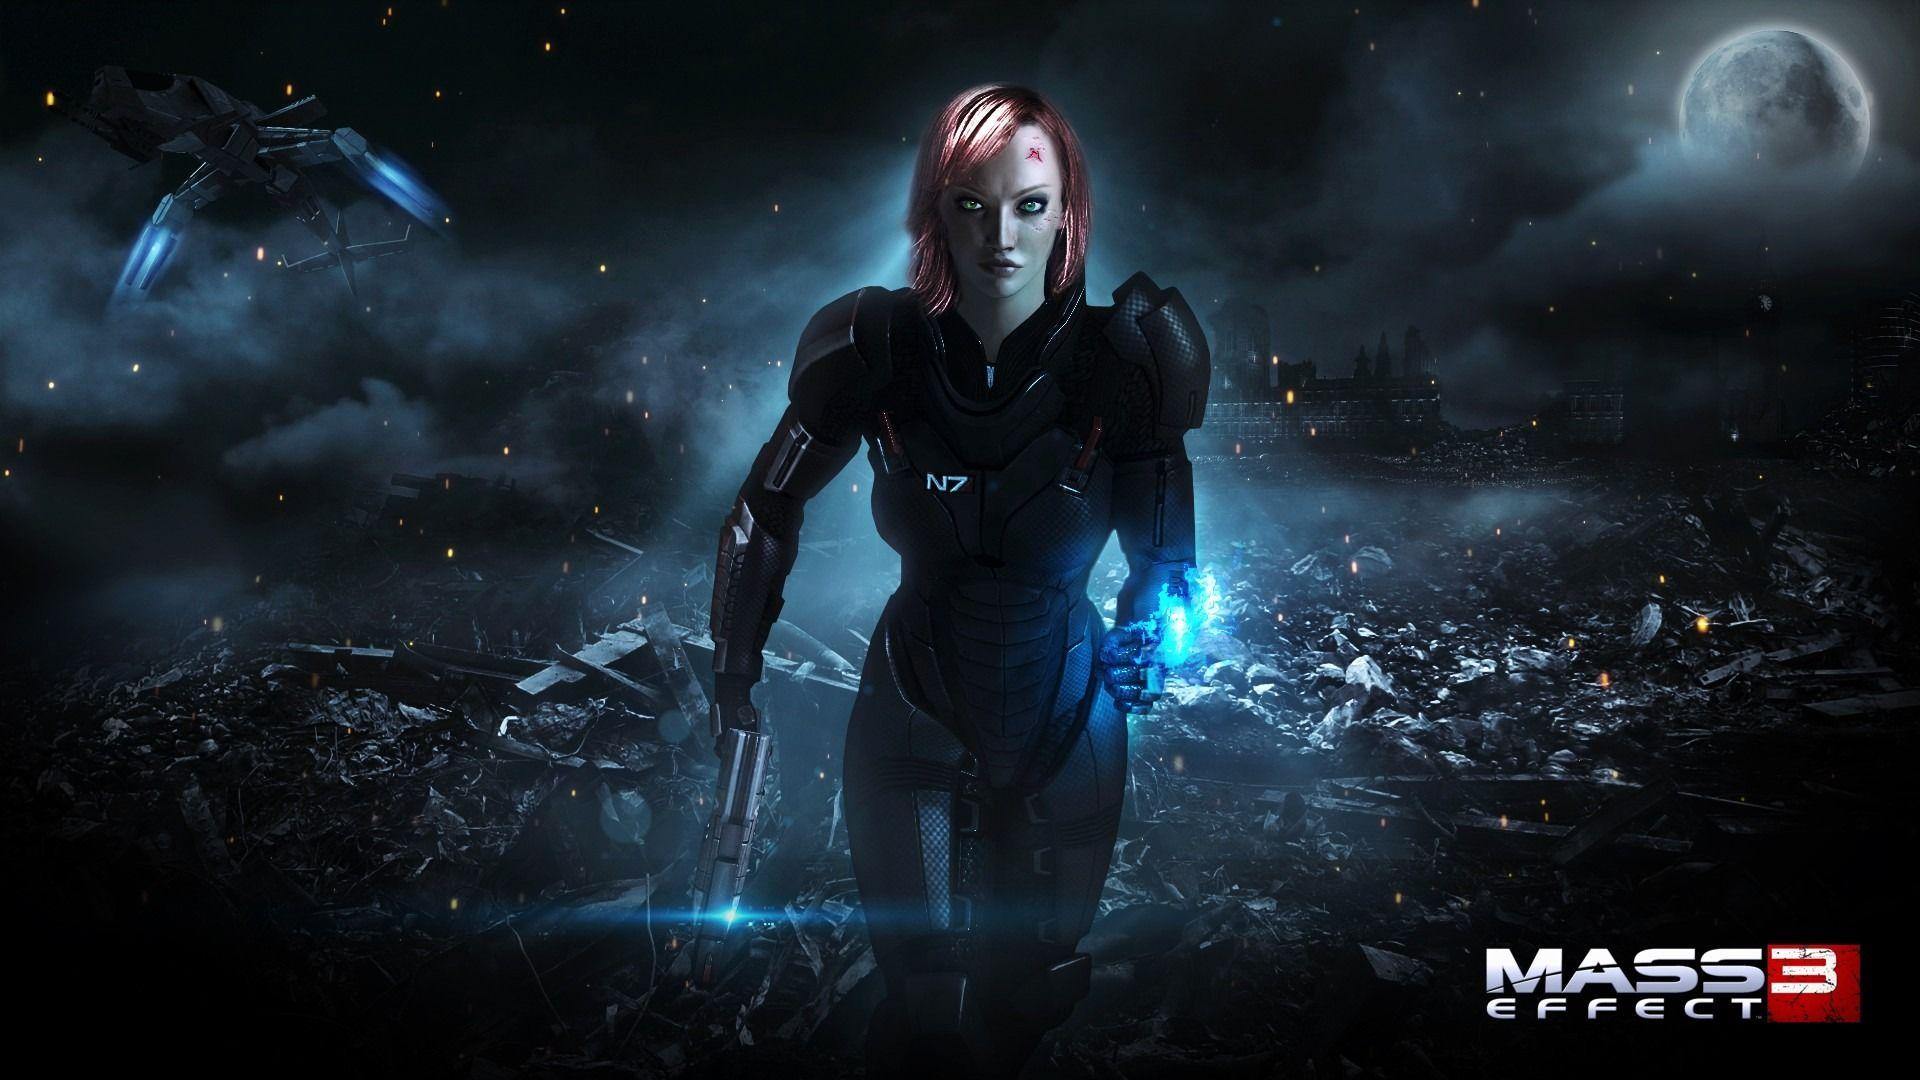 Mass Effect Wallpaper (With images) Mass effect, Mass